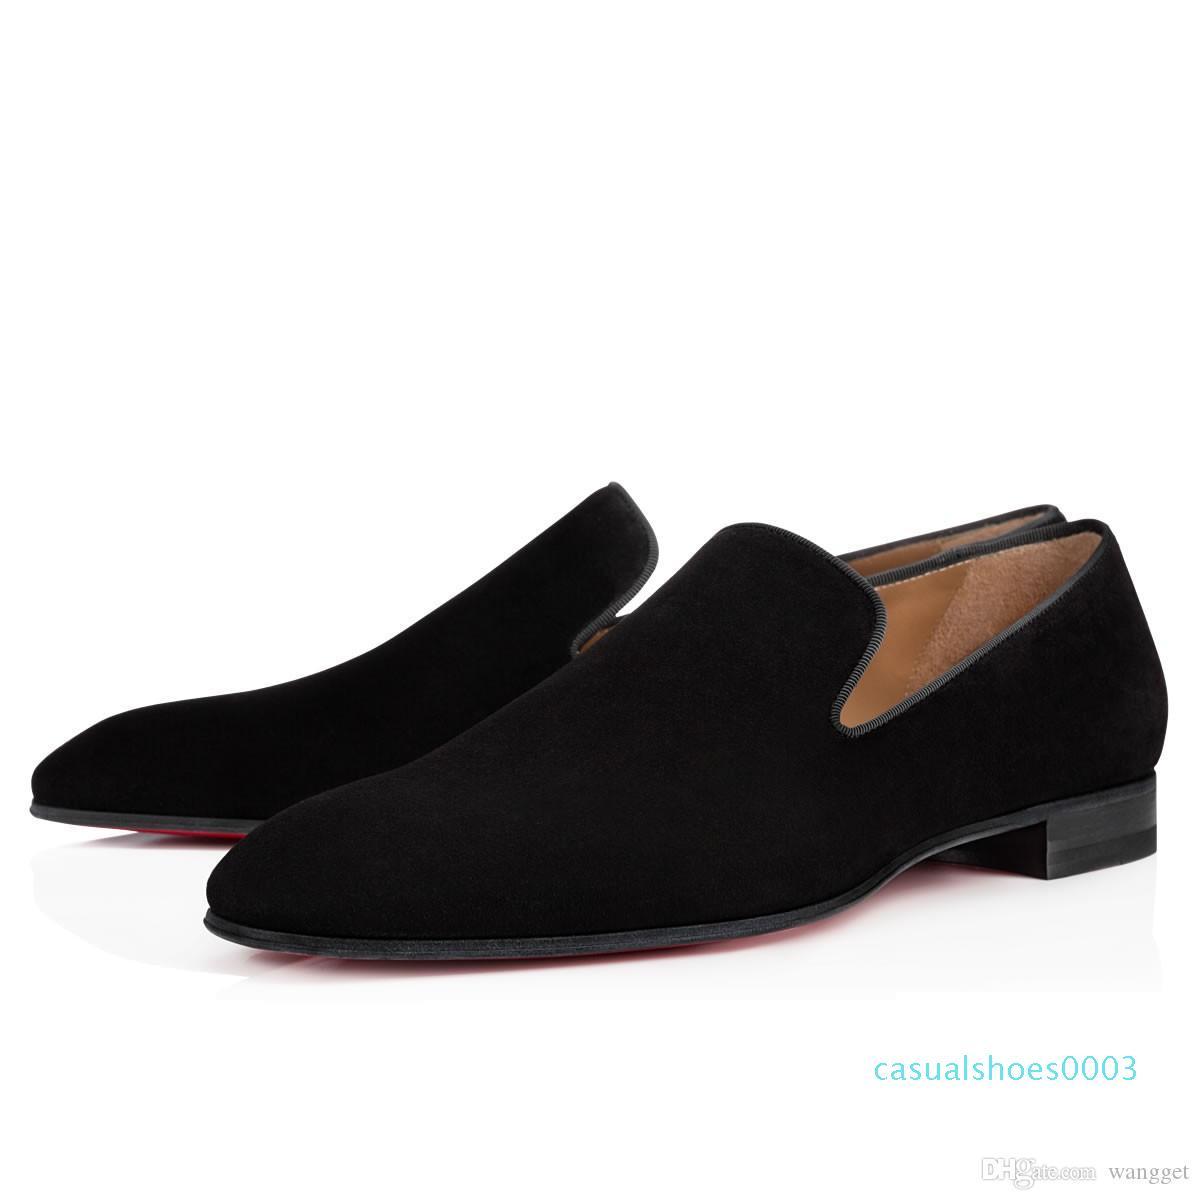 Бренд Красный Нижний мокасины роскошную вечеринку свадебные туфли дизайнер черная лакированная кожа замшевые туфли для мужская скольжения на квартиры С03